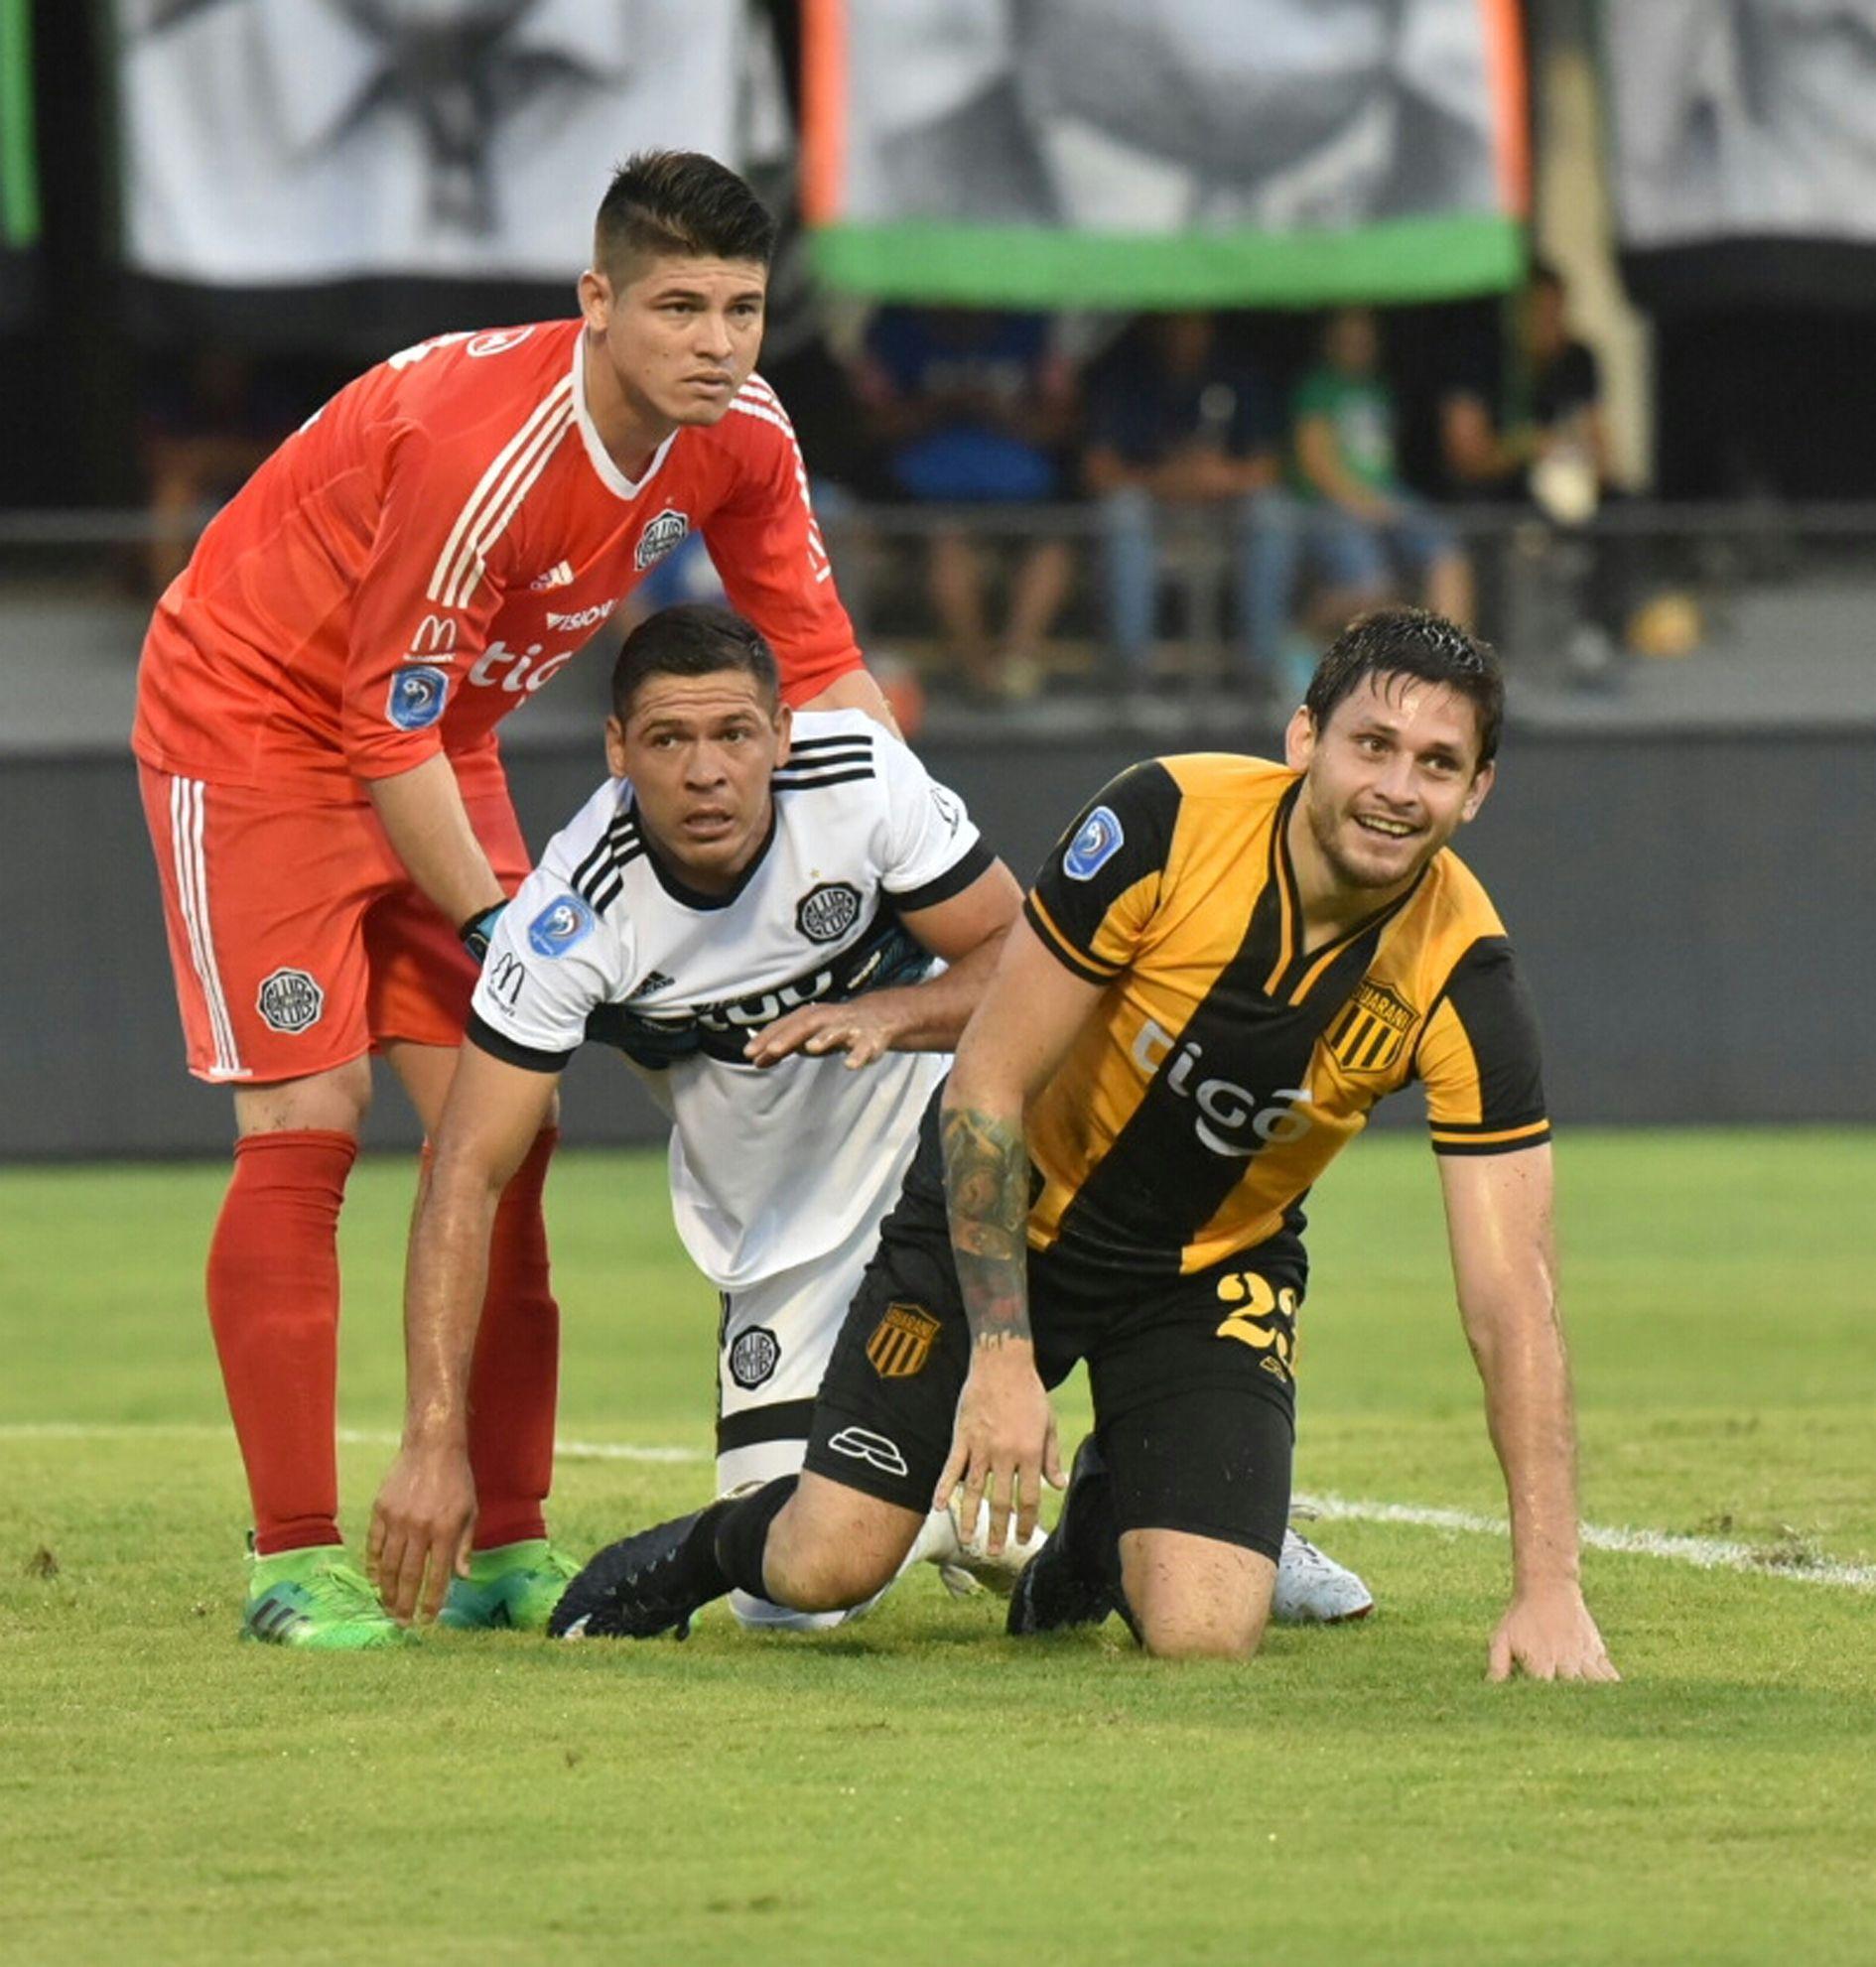 Alfredo Aguilar espera que el equipo siga creciendo. Foto: Última Hora